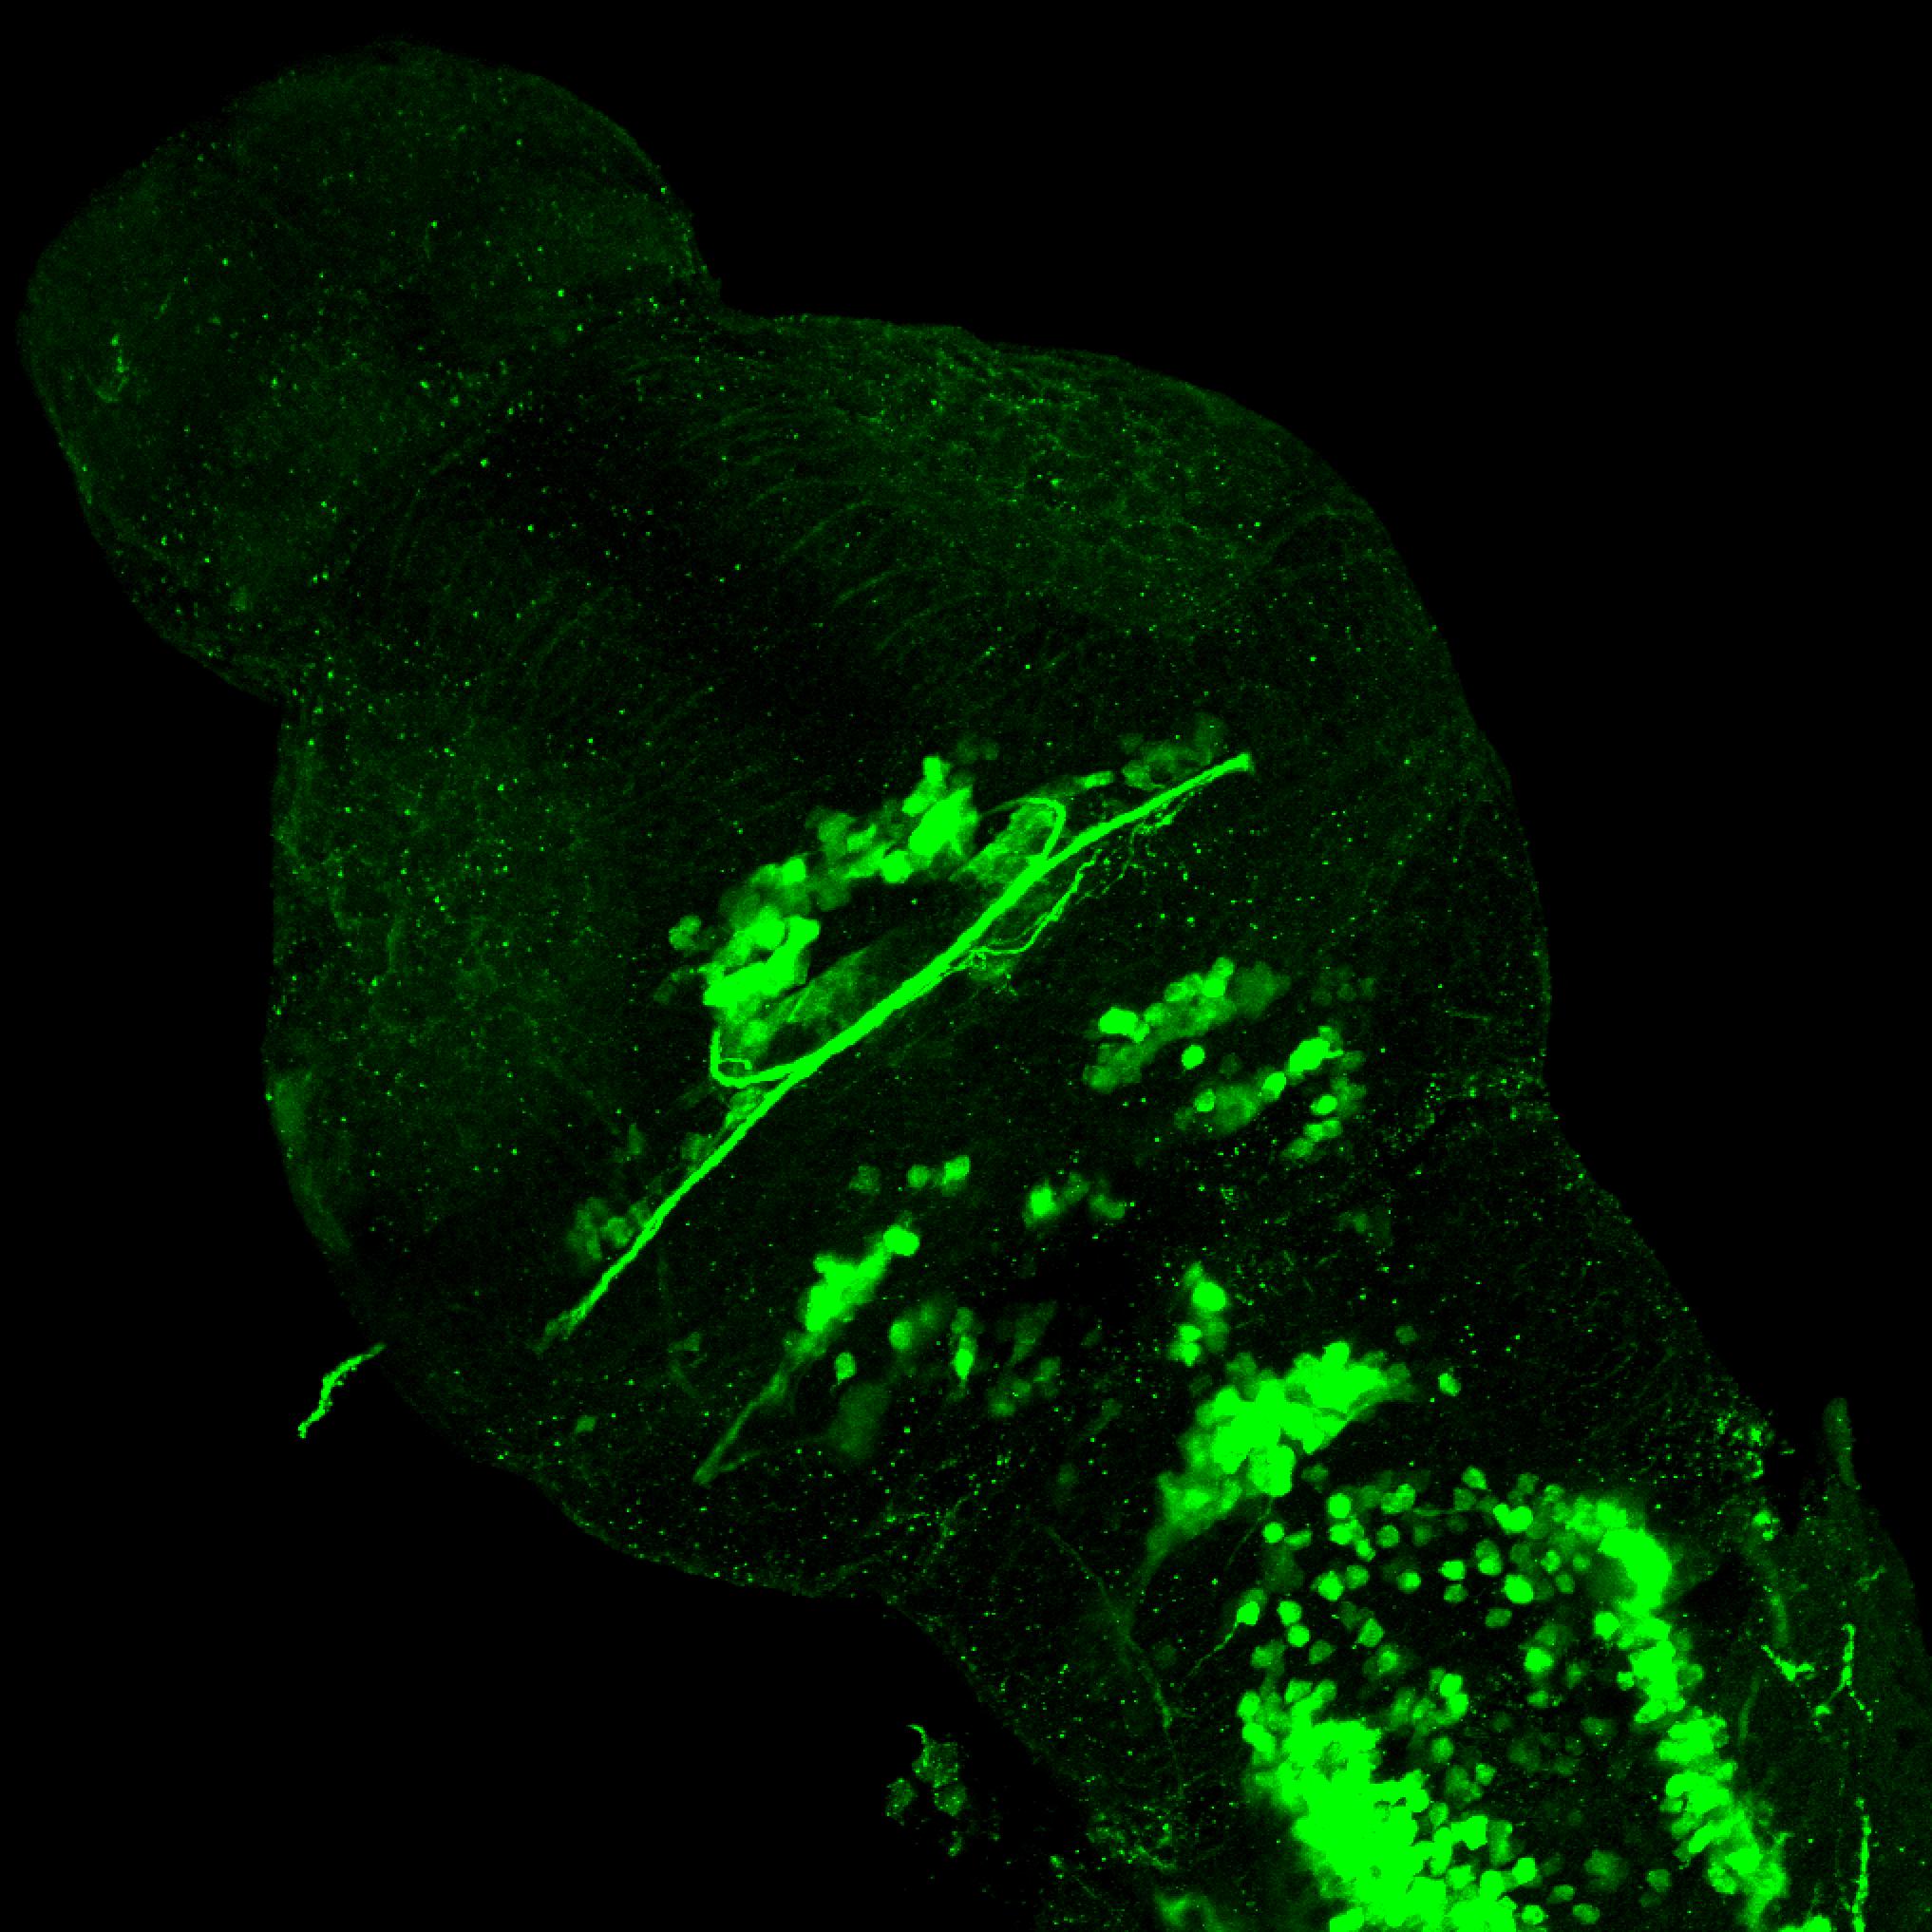 isl1:GFP 3dpf dorsal